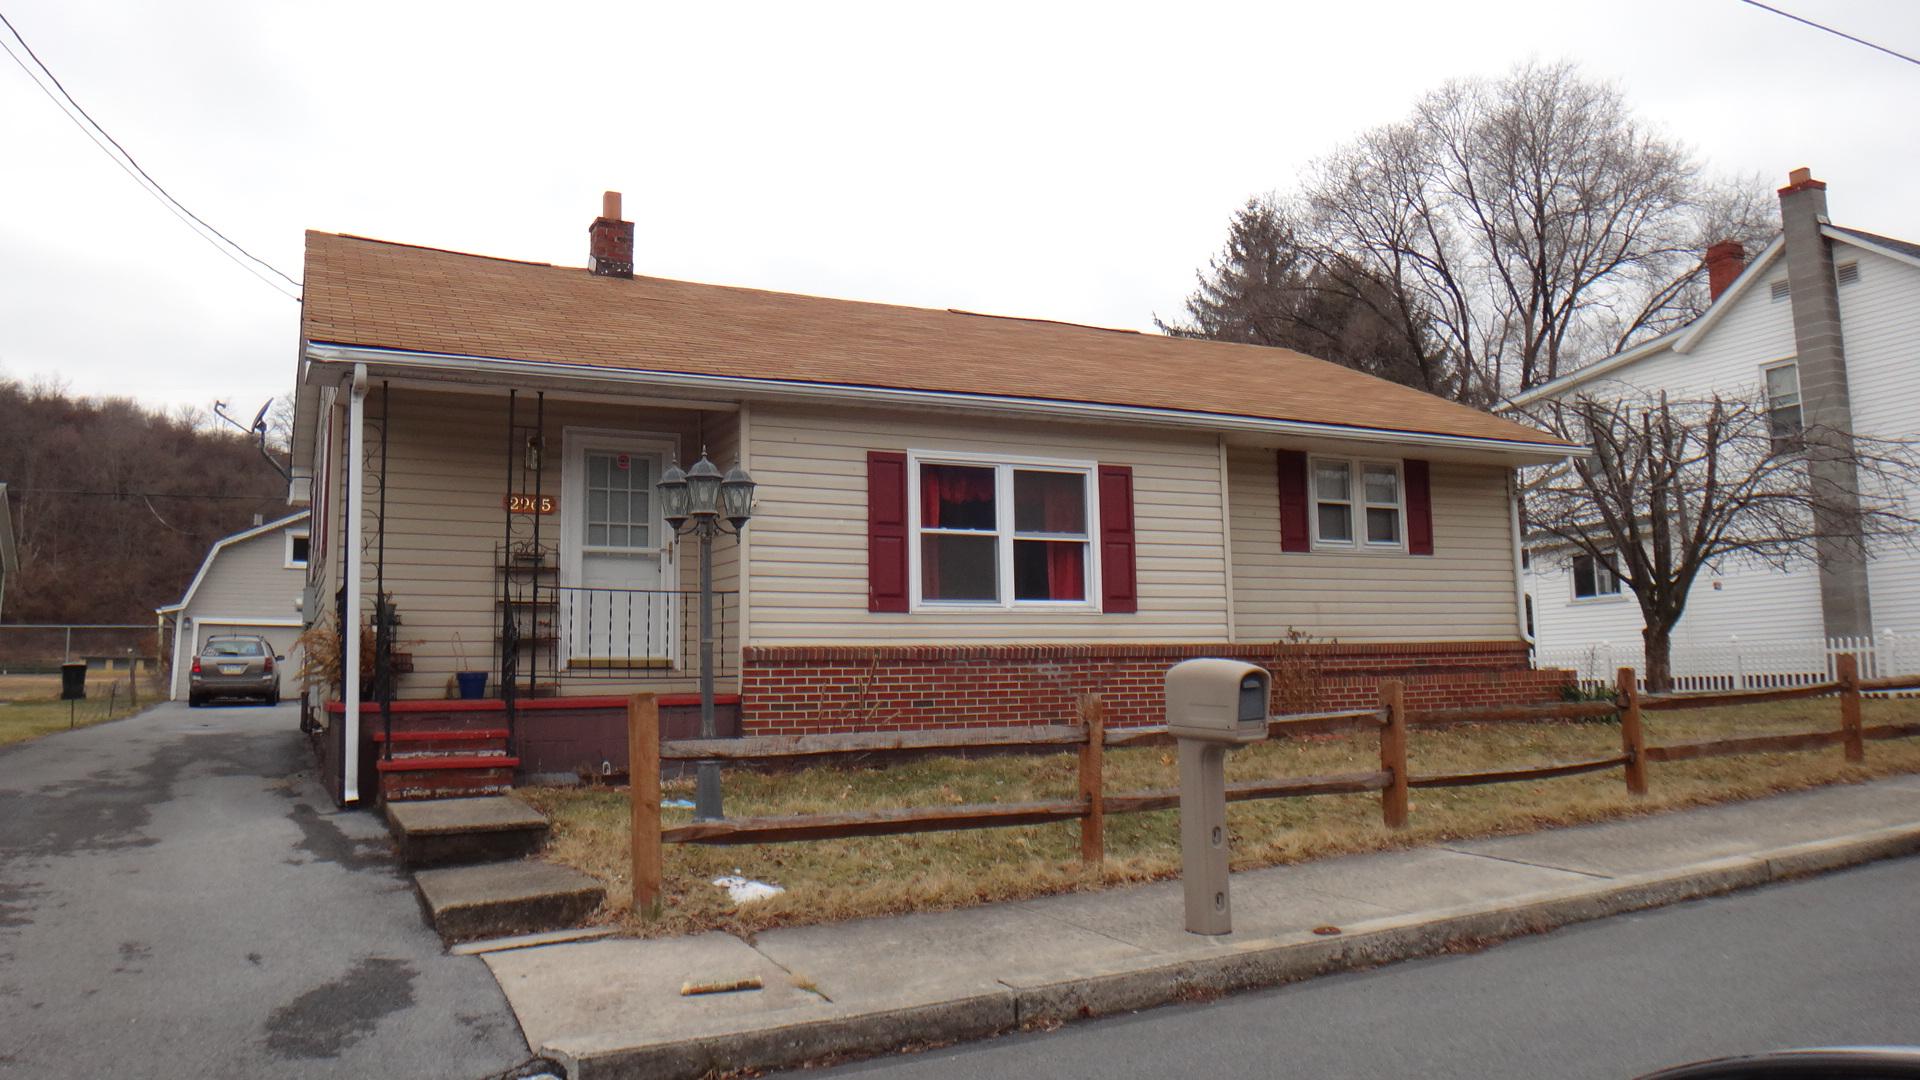 2965 SECOND Ave, Hyndman, Pennsylvania 15545